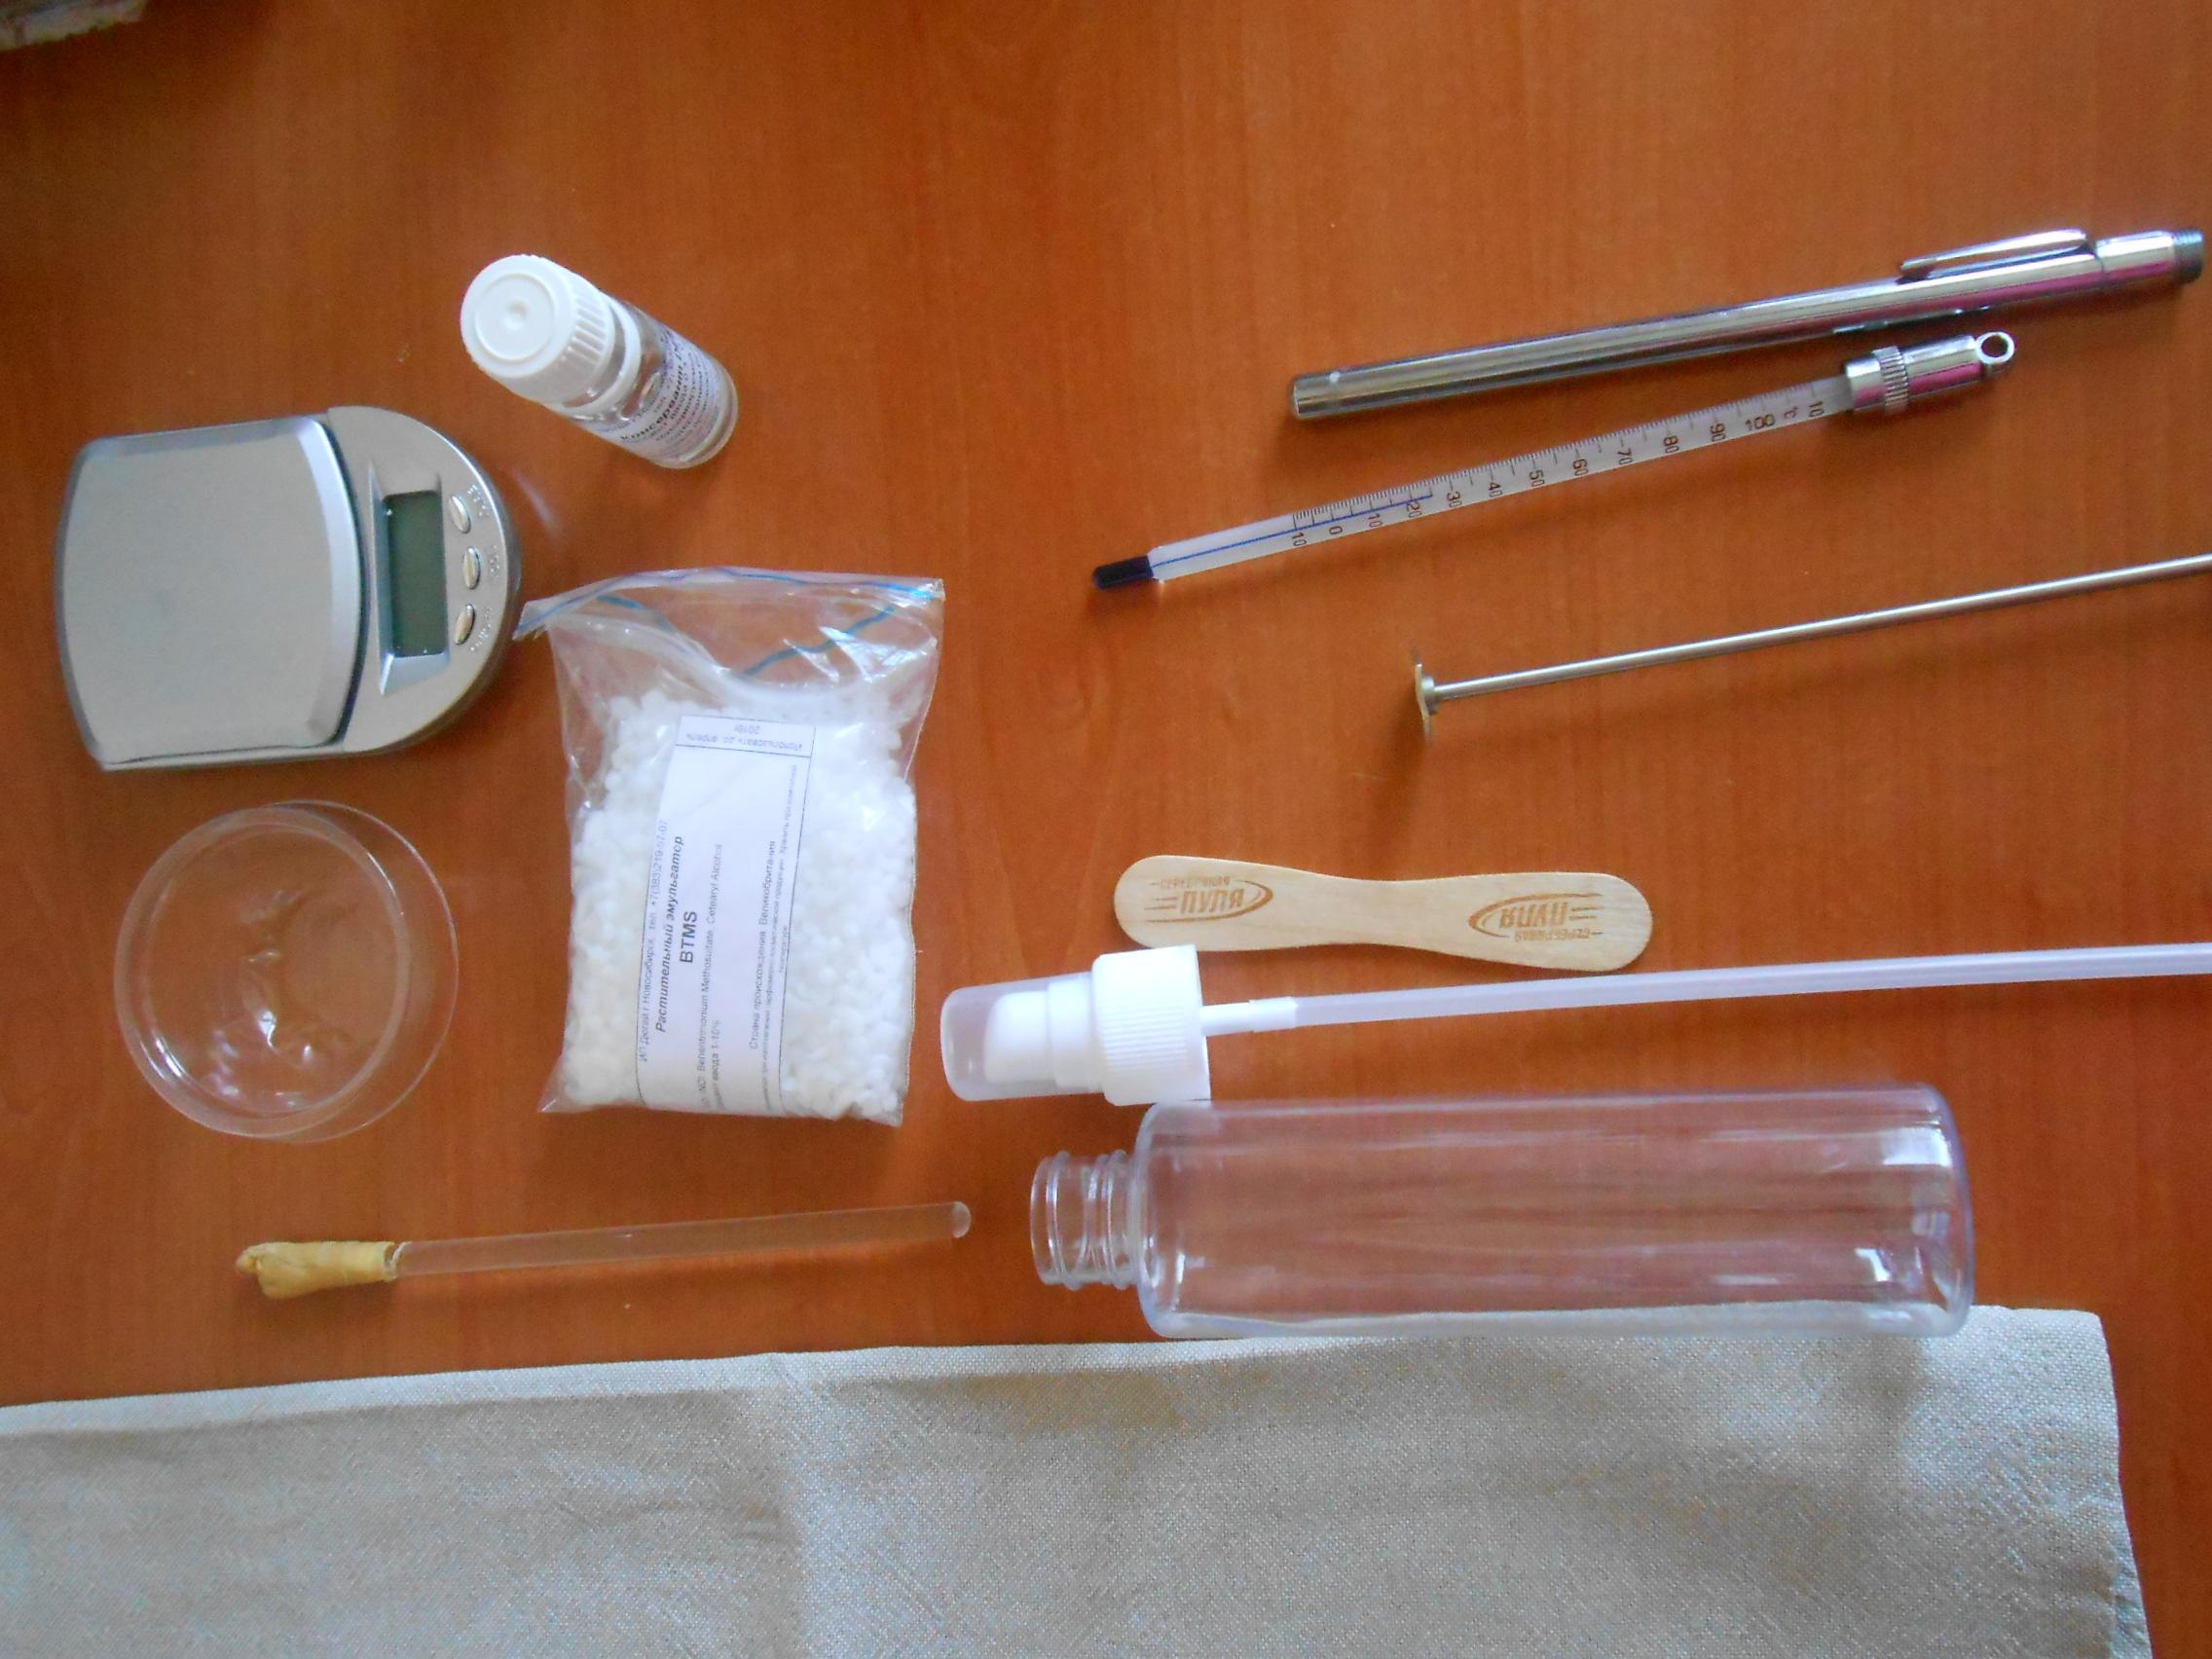 Как сделать крем для лица в домашних условиях. Пошаговая инструкция для самостоятельного приготовления косметического крема без консервантов. Полезная косметика из натуральных ингредиентов.